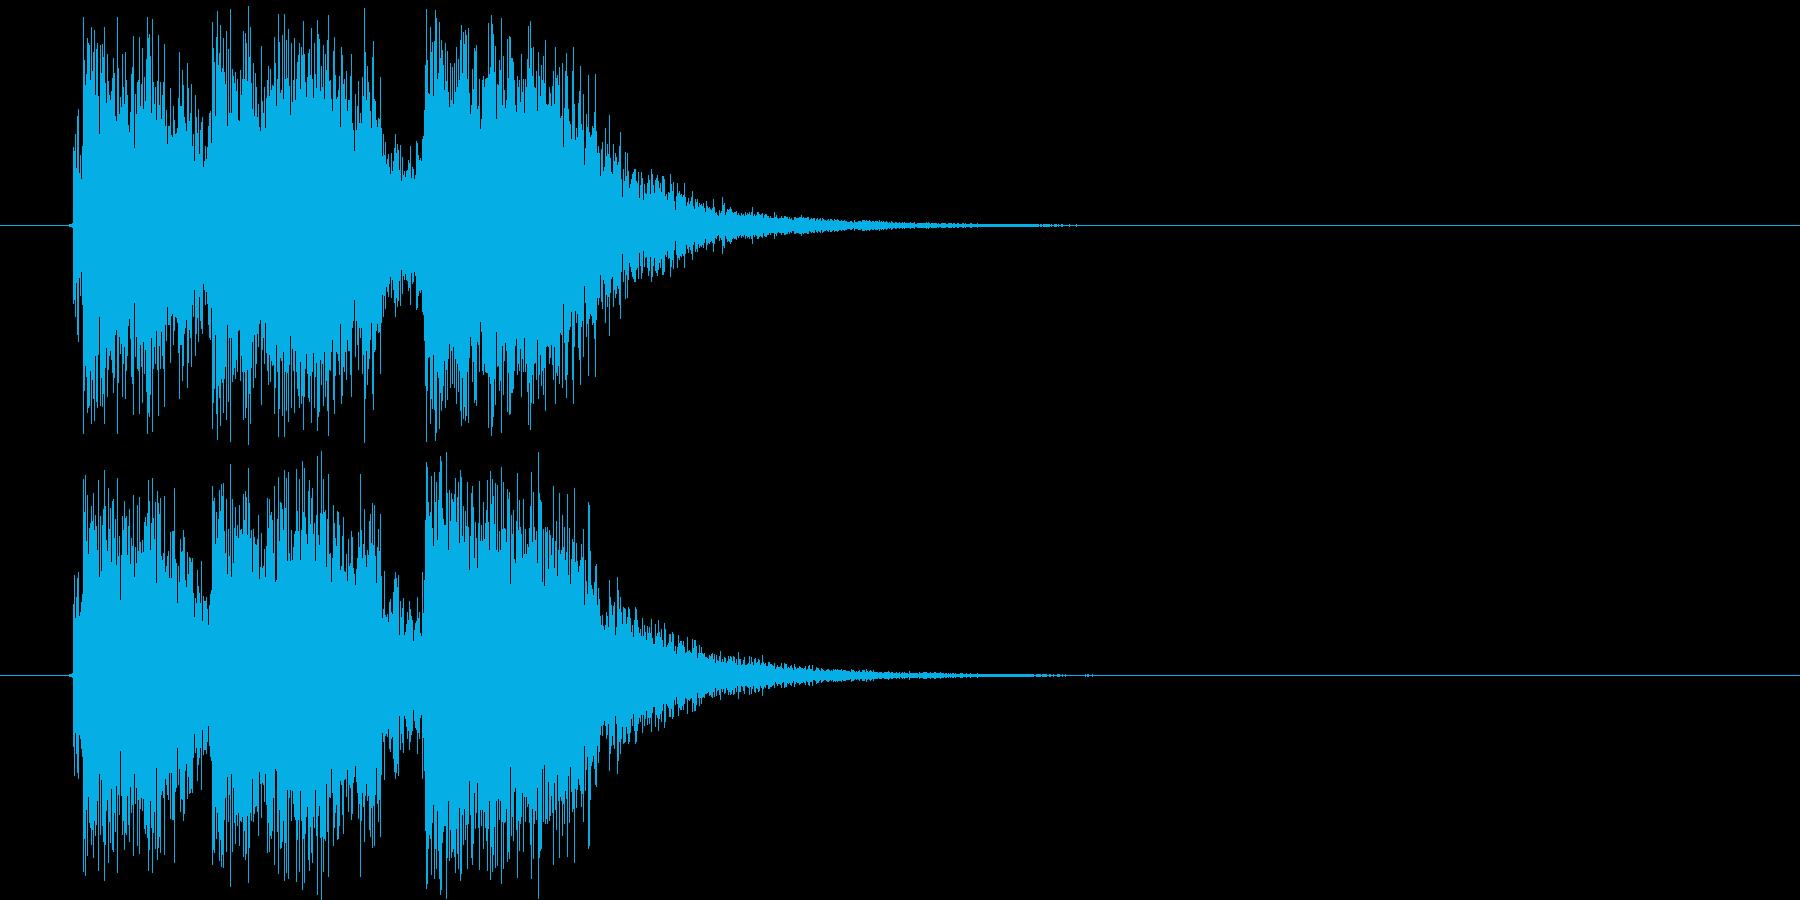 ミッションクリア_ジングルの再生済みの波形